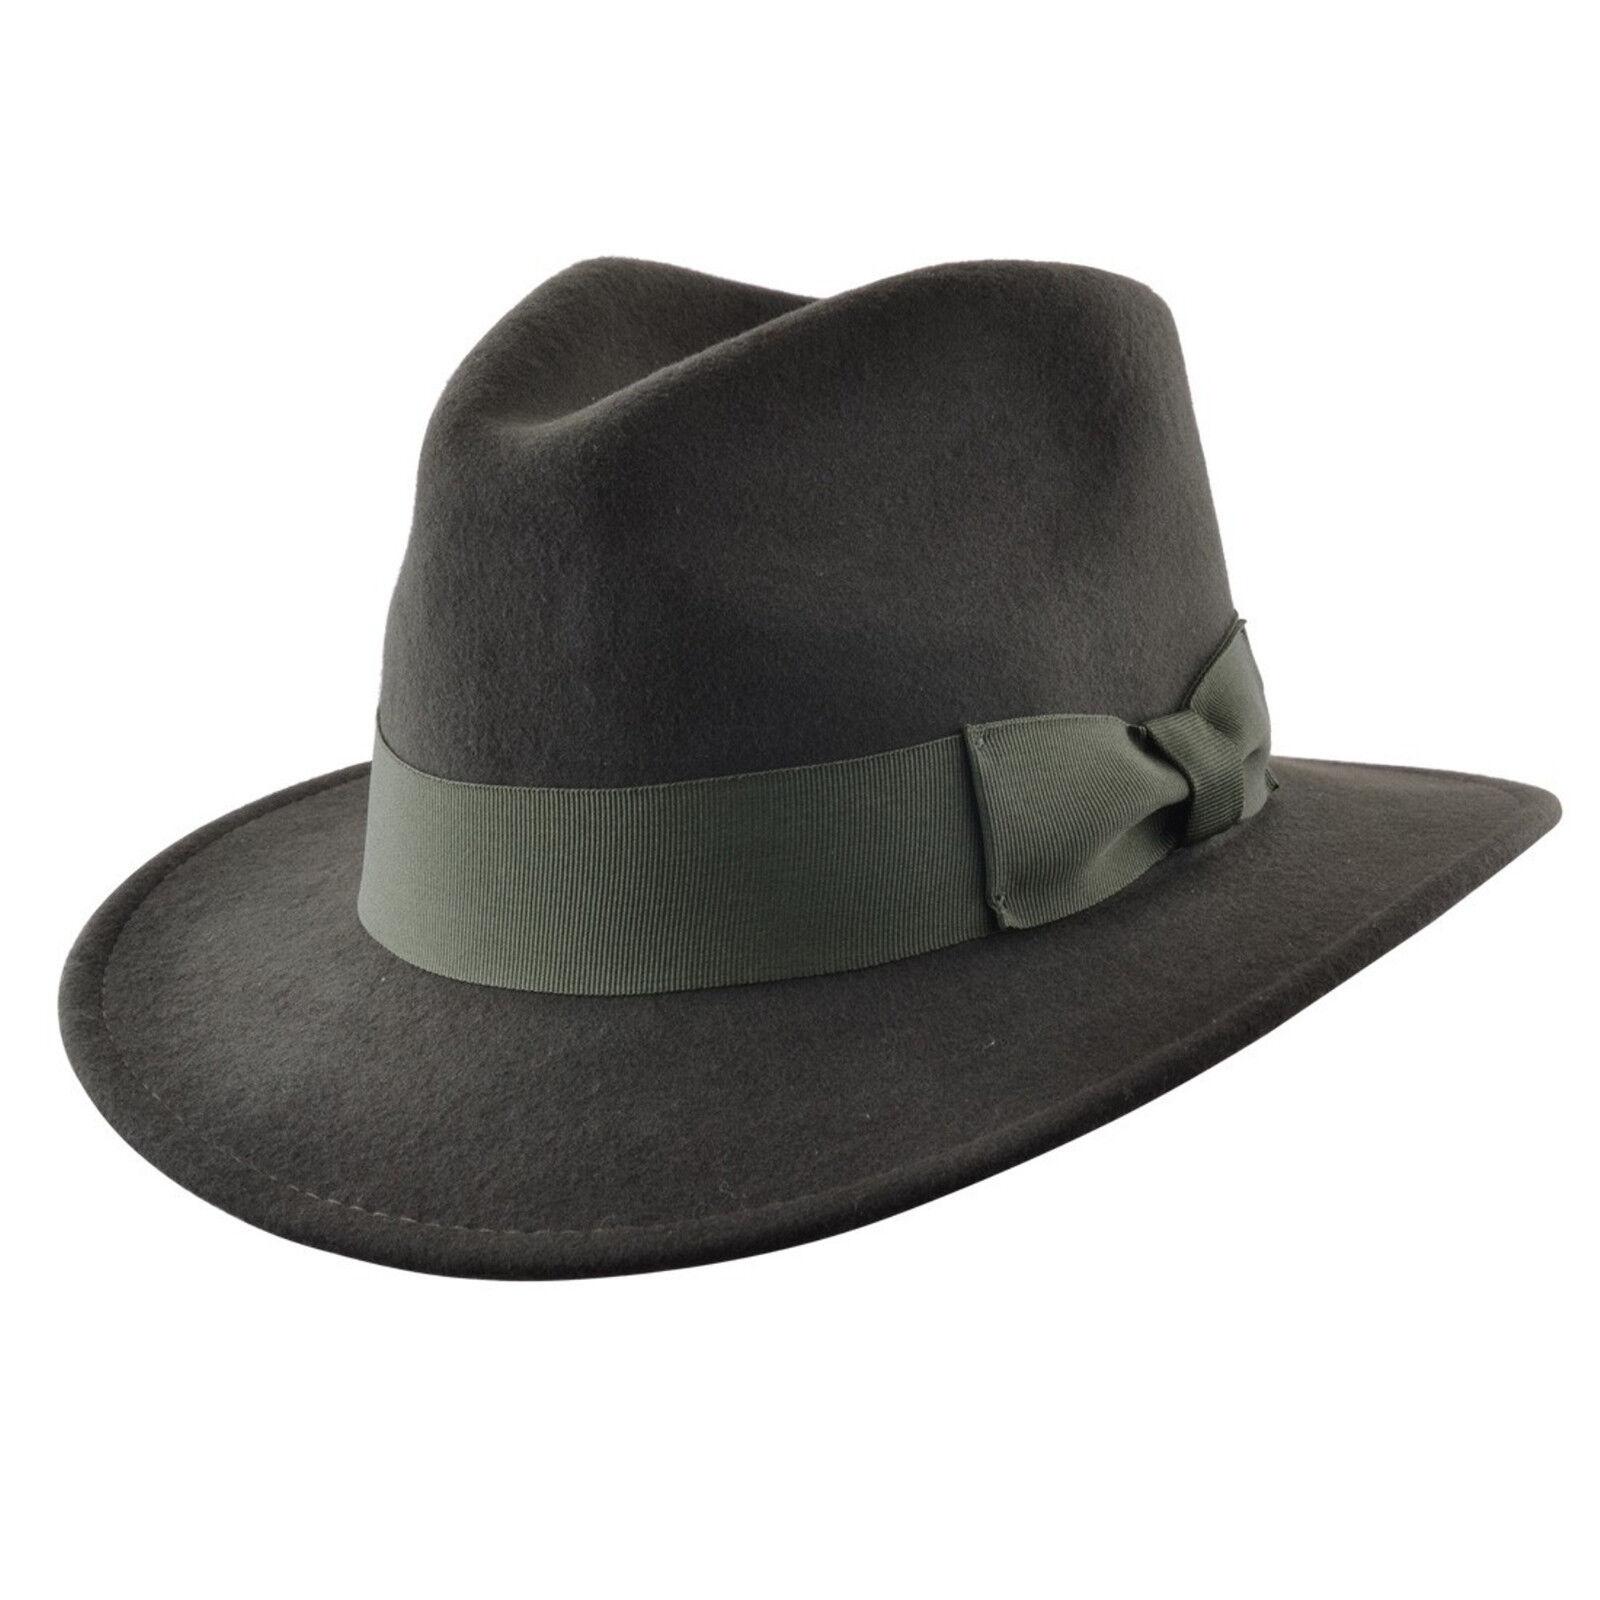 Herren Knautschfähig Indiana 100% Wolle Filz Fedora Filzhut Hut mit breit Band | eBay